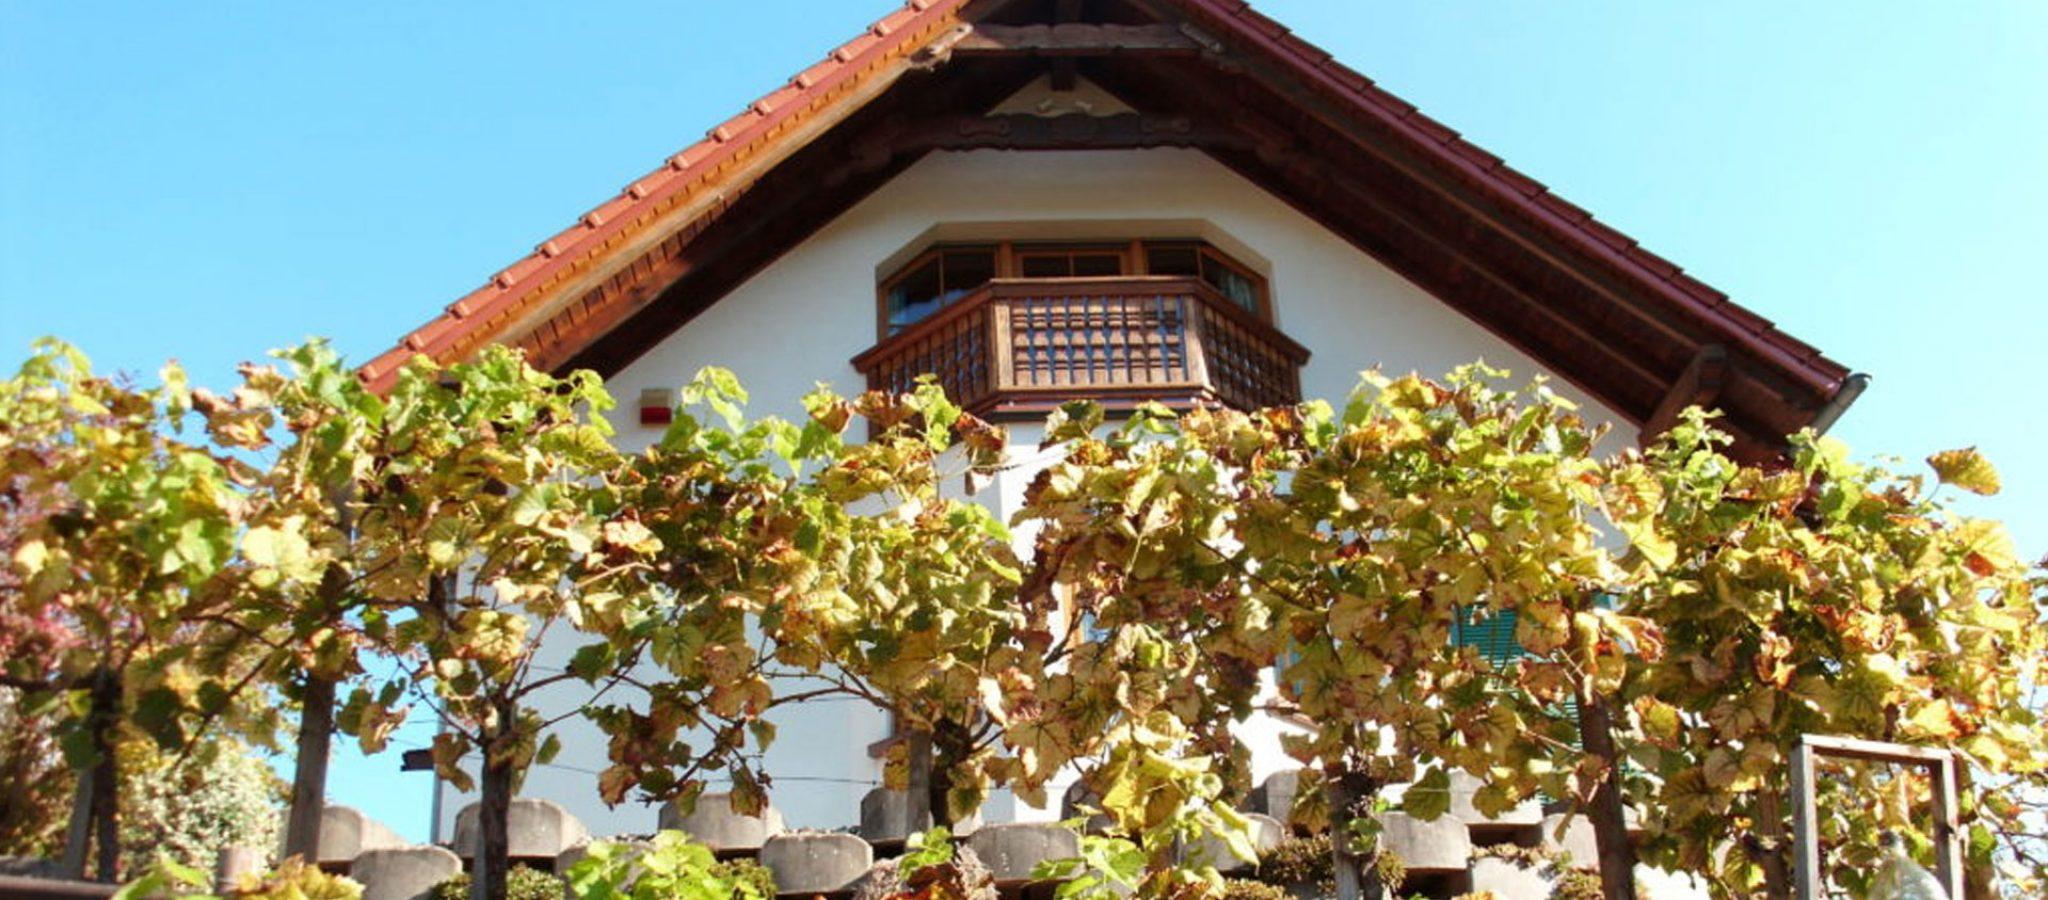 GS_Herbst